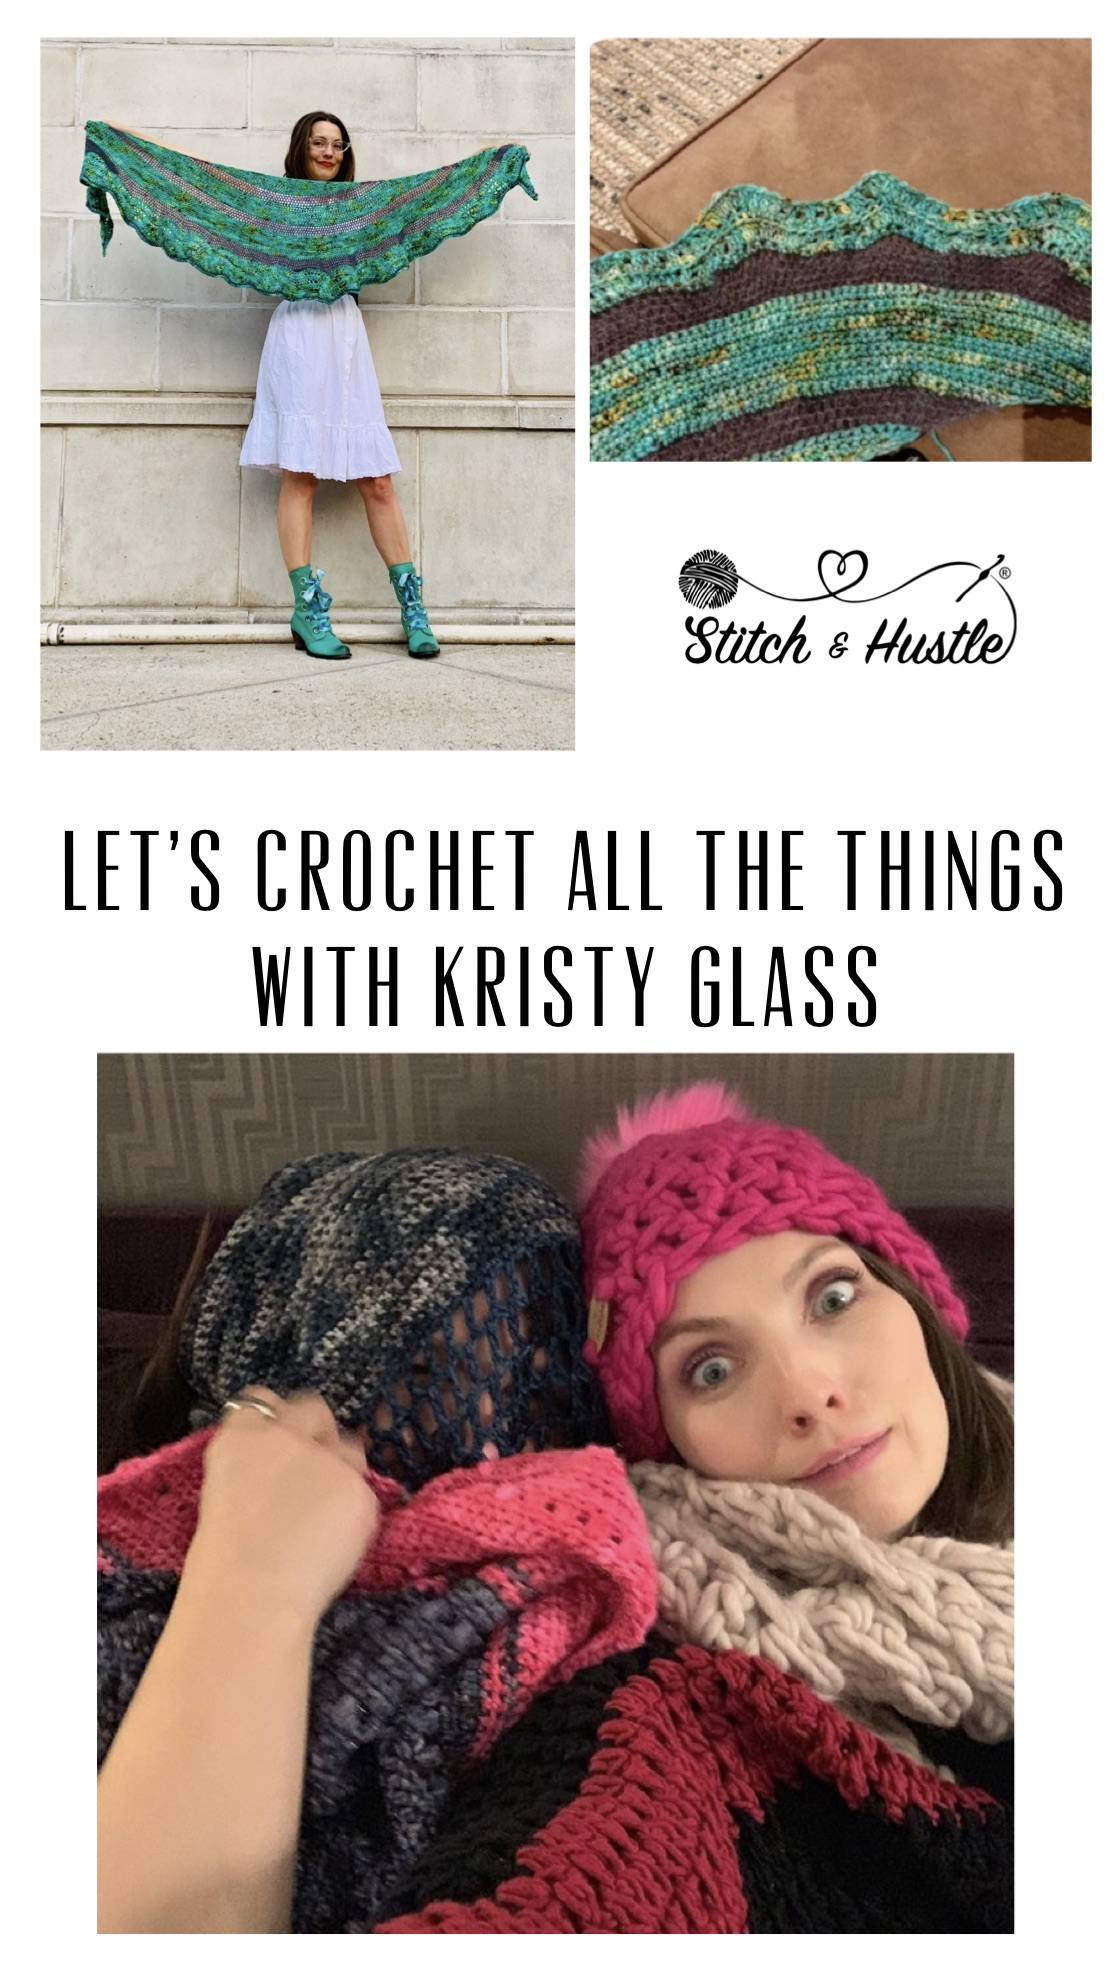 Kristy-Glass-Knits-crochet-2.jpg